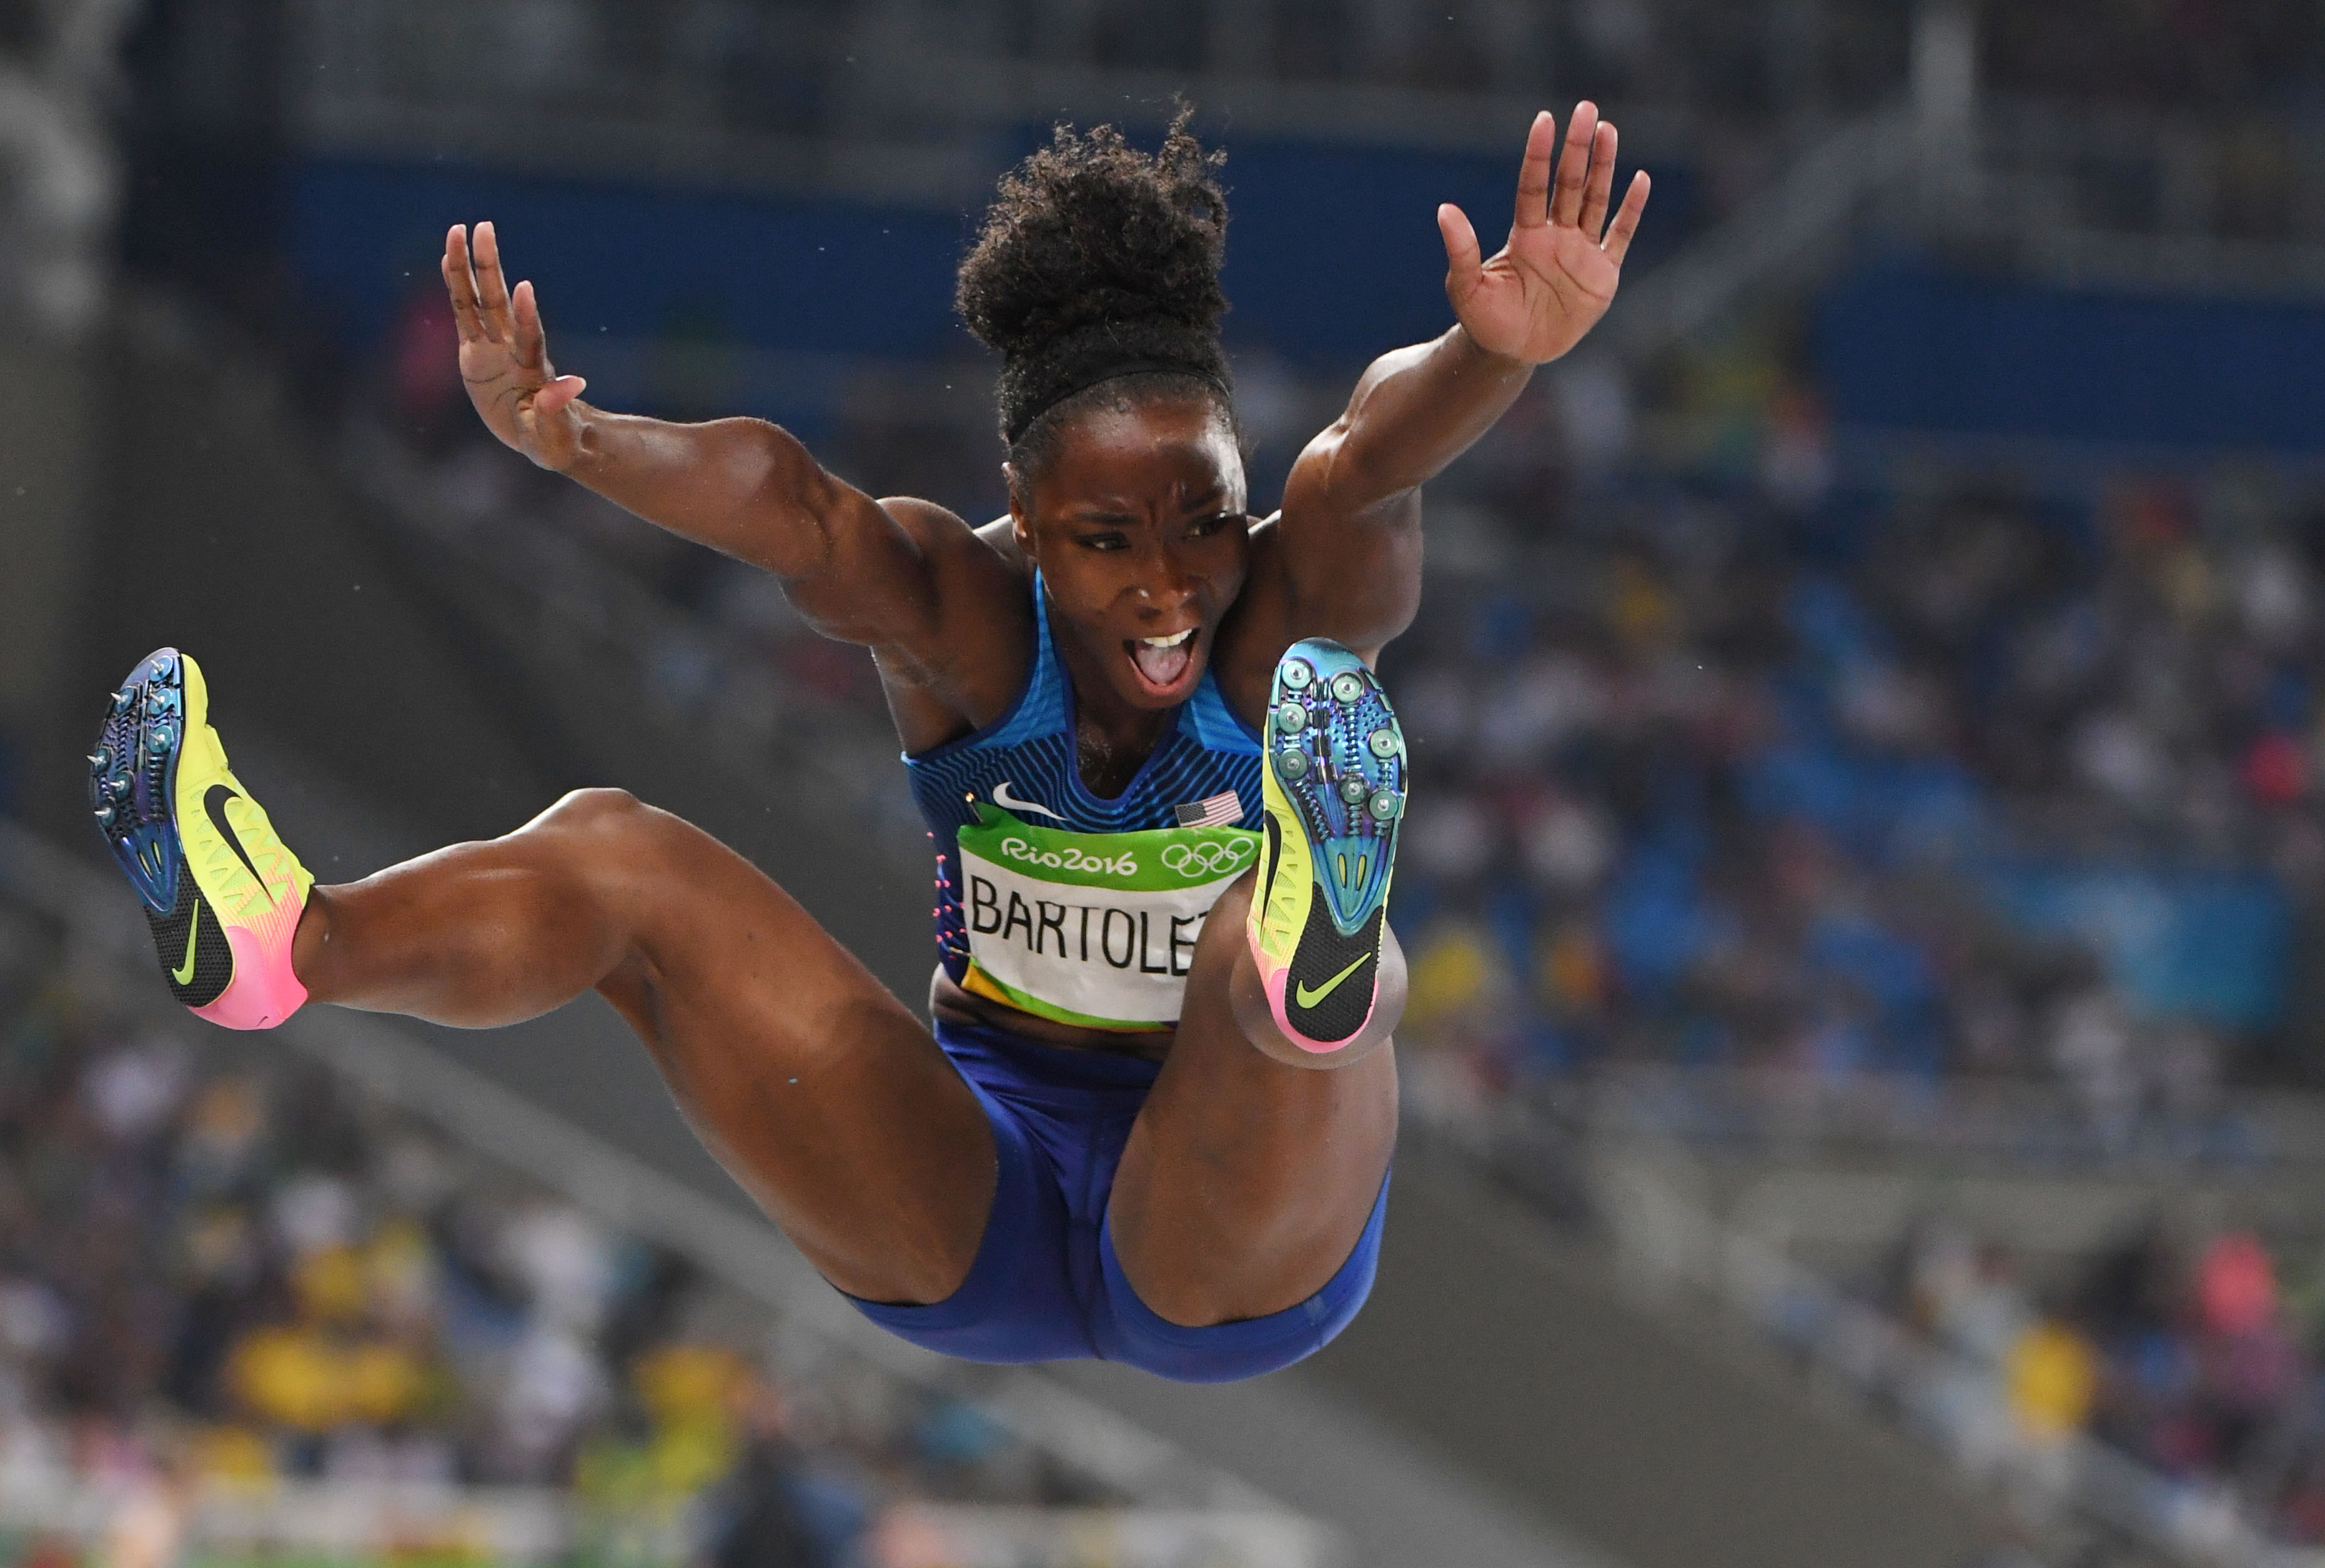 Womens Long Jump